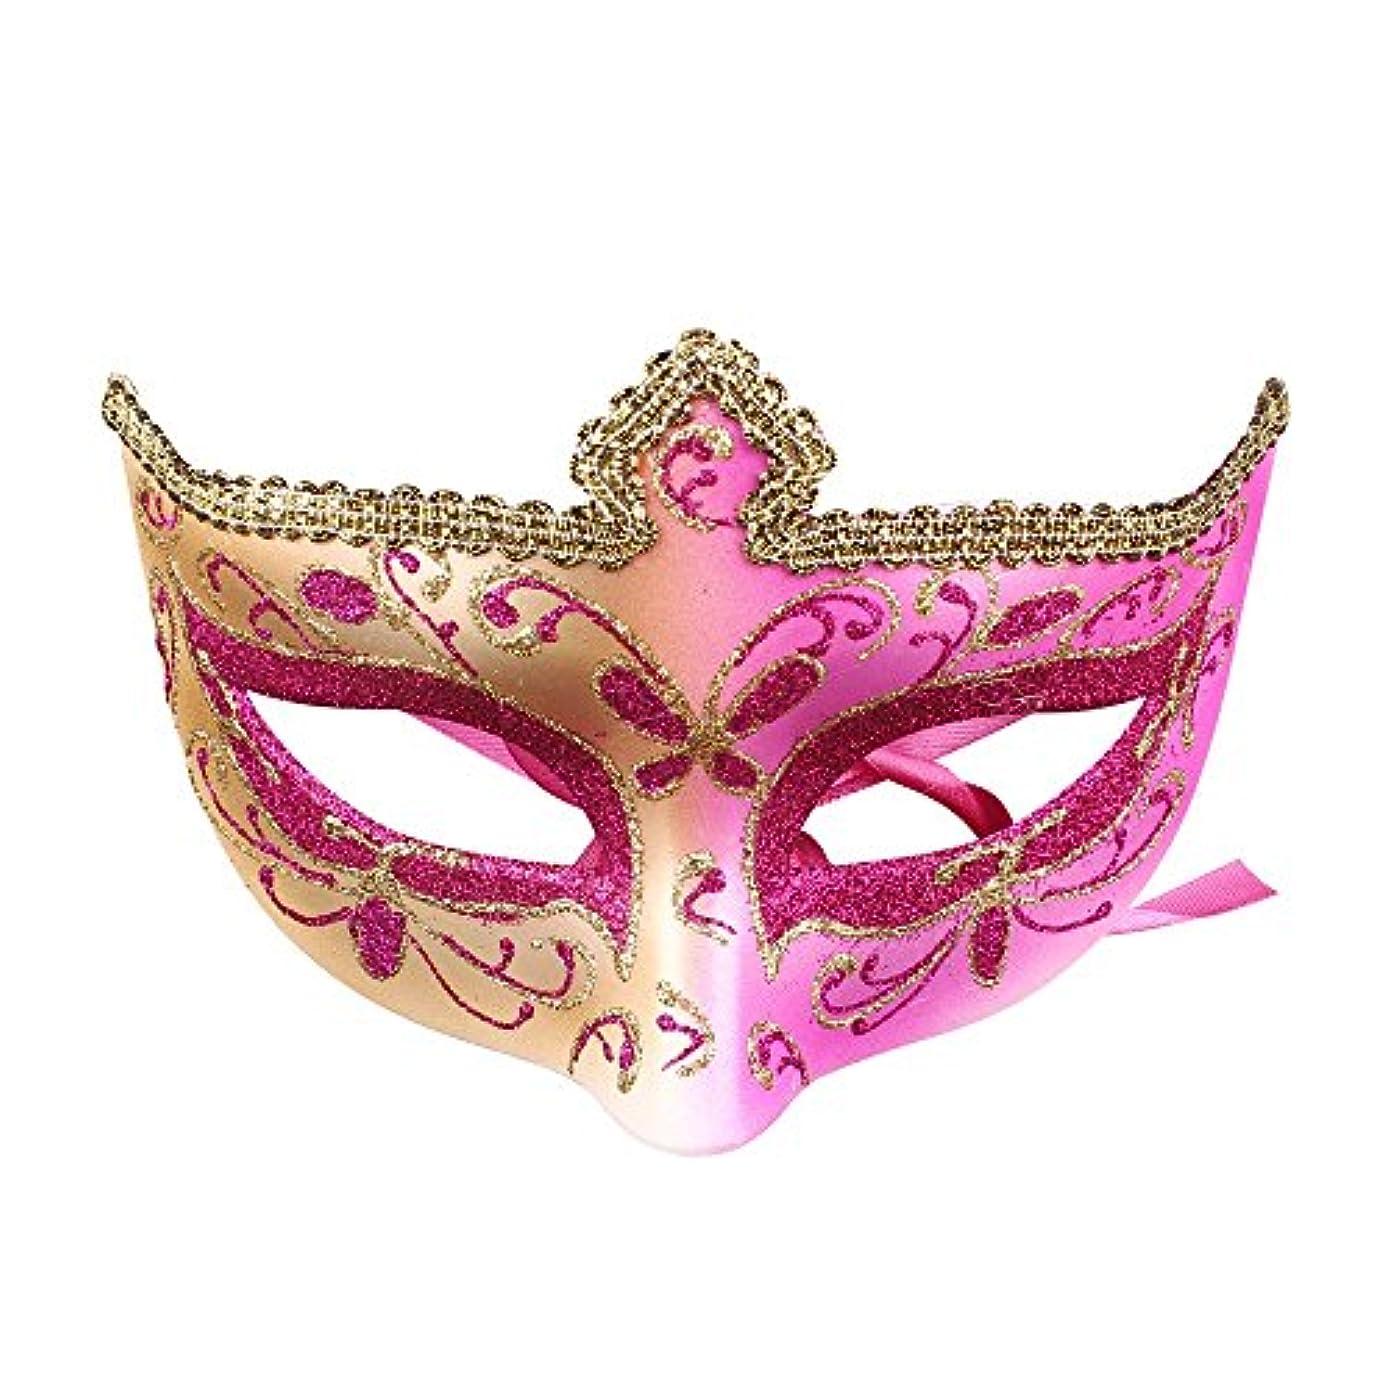 フォーマルライン刺繍クリエイティブ仮面舞??踏会レースマスク美容ハーフフェイス女性身に着けているマスクハロウィーン祭りパーティー用品 (Color : PINK)